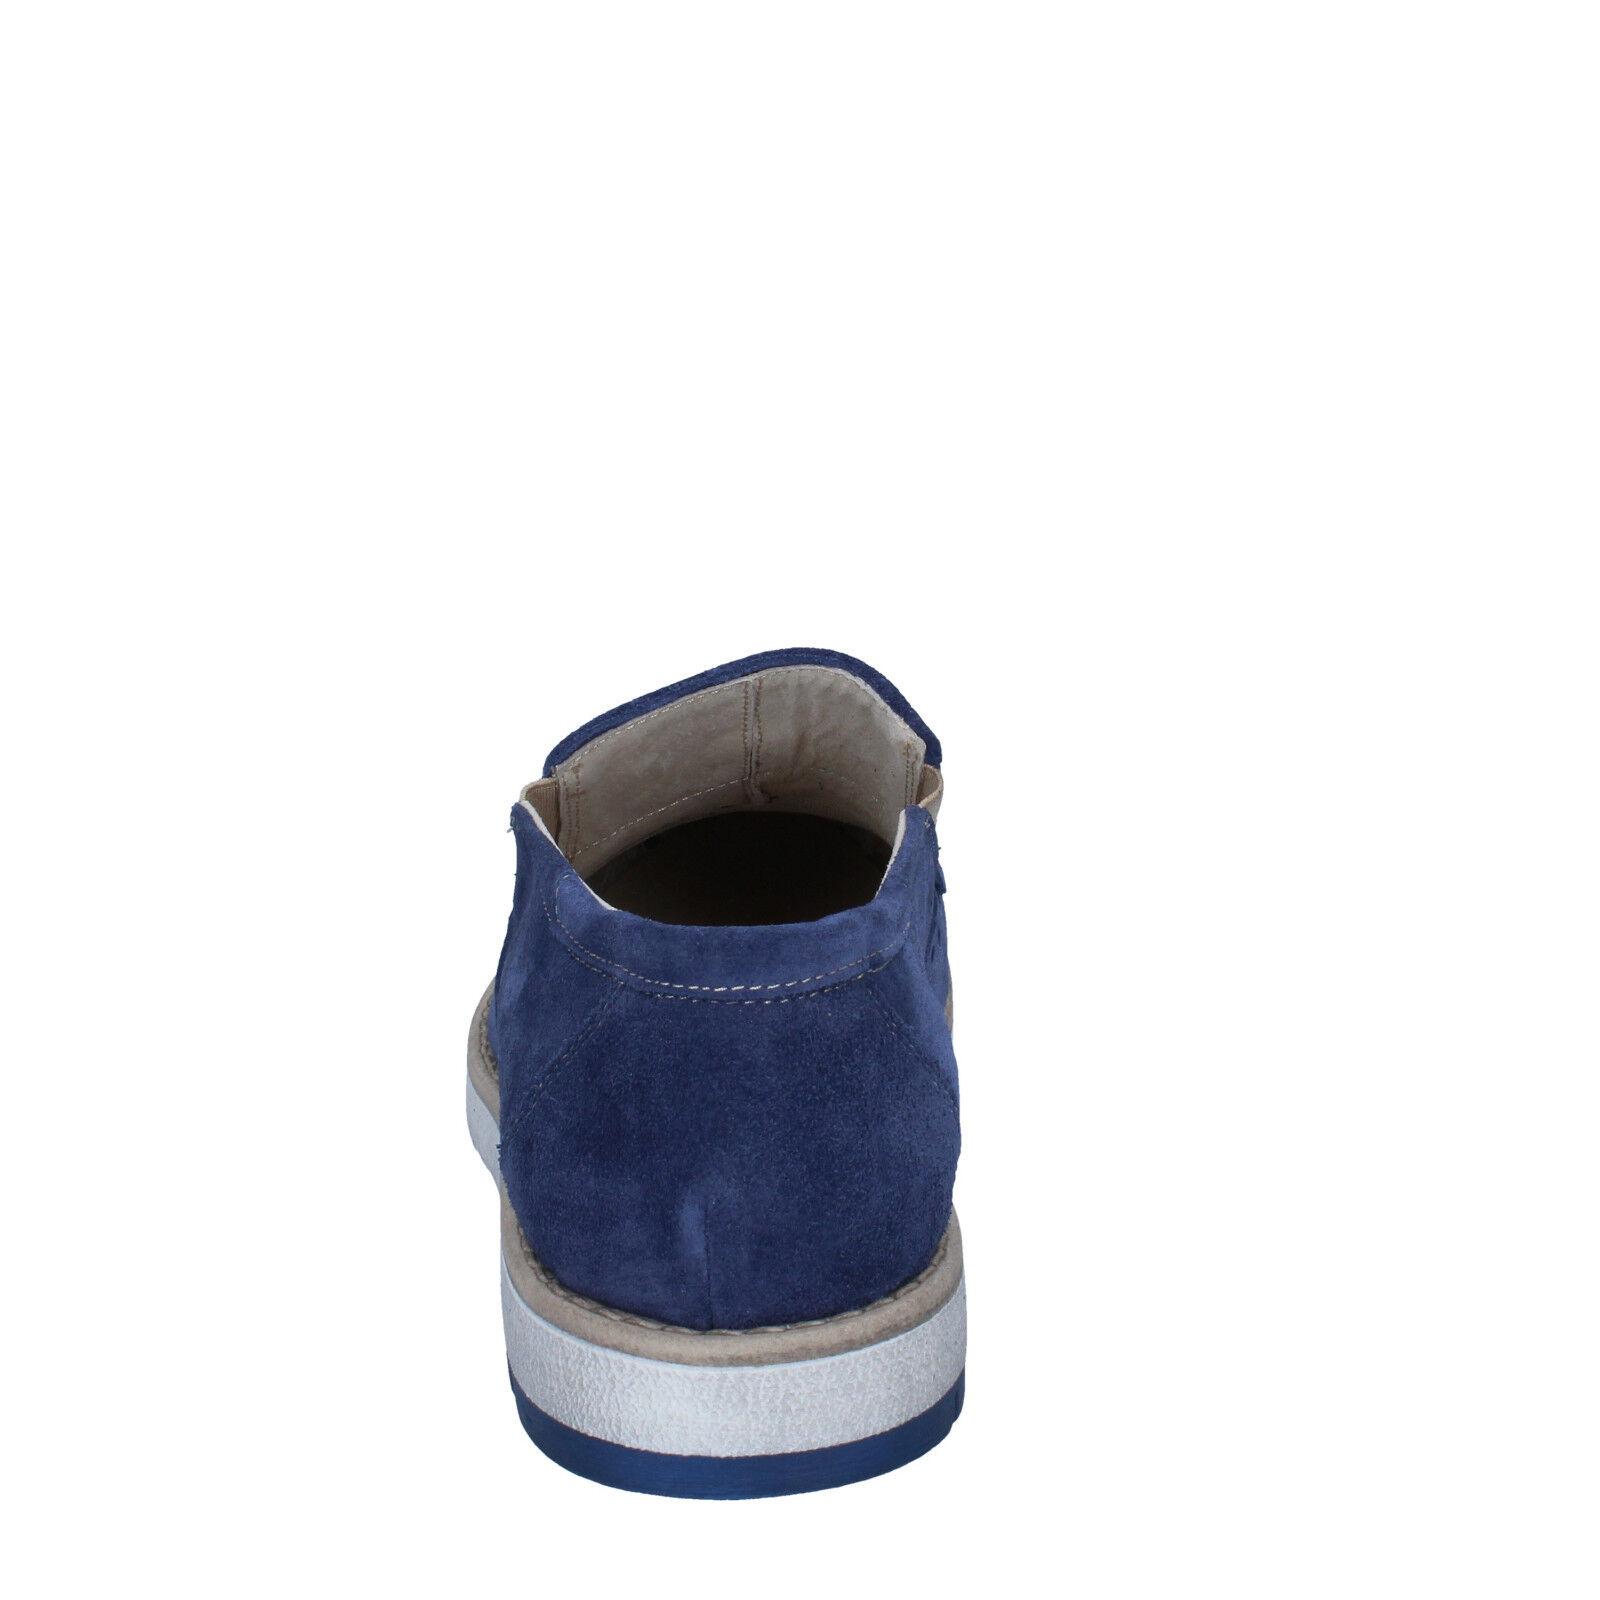 Uomo schuhe KEP'S 10 (EU 44) elegant Blau suede suede suede BZ886-F f9a4ed